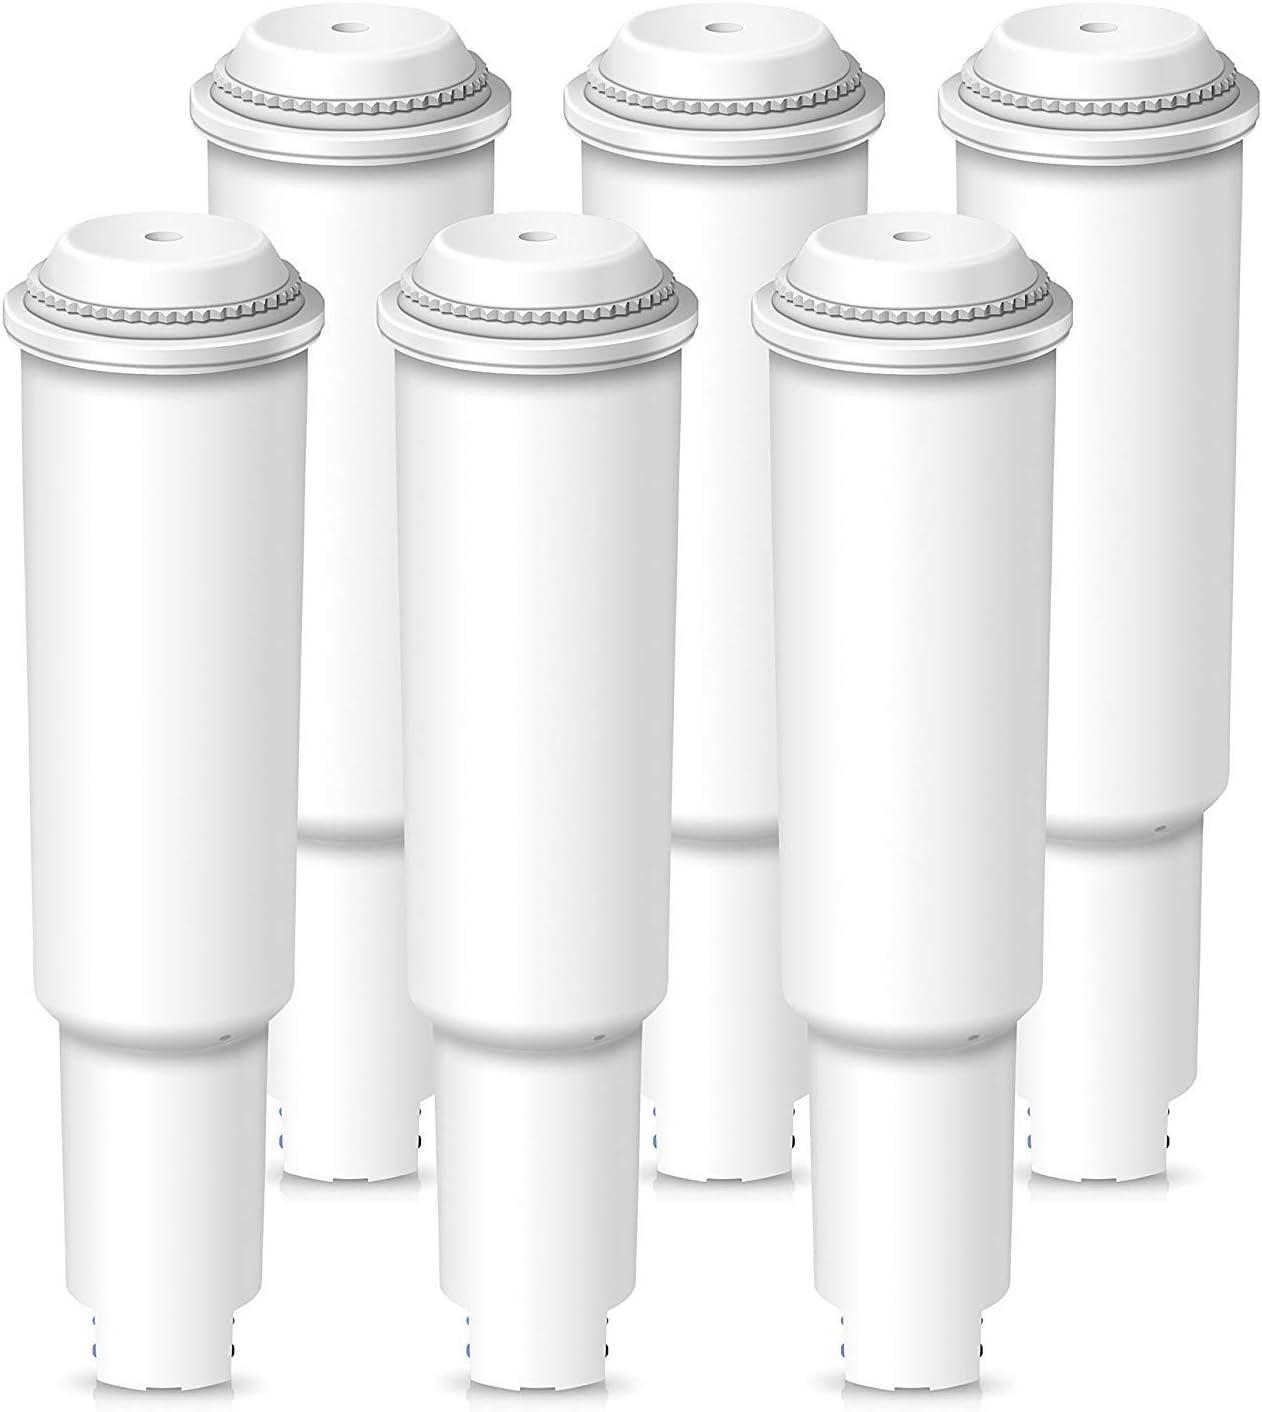 6 x Jura Claris White 60209 68739 Filterpatrone Wasserfilter Filterkartusche